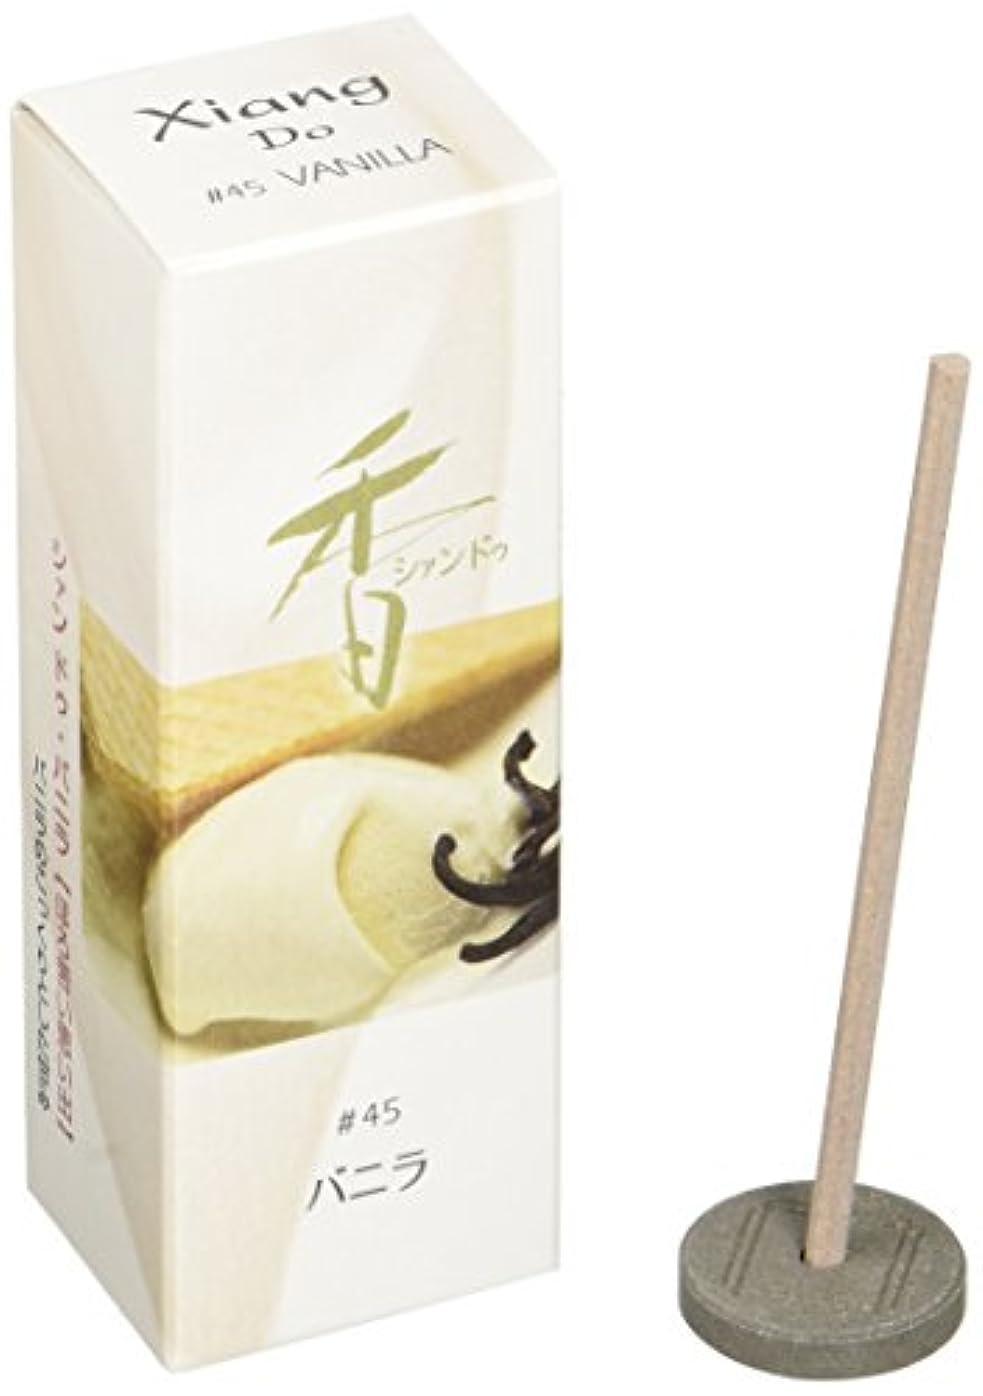 すみません旅行上級松栄堂のお香 Xiang Do(シャンドゥ) バニラ ST20本入 簡易香立付 #214245